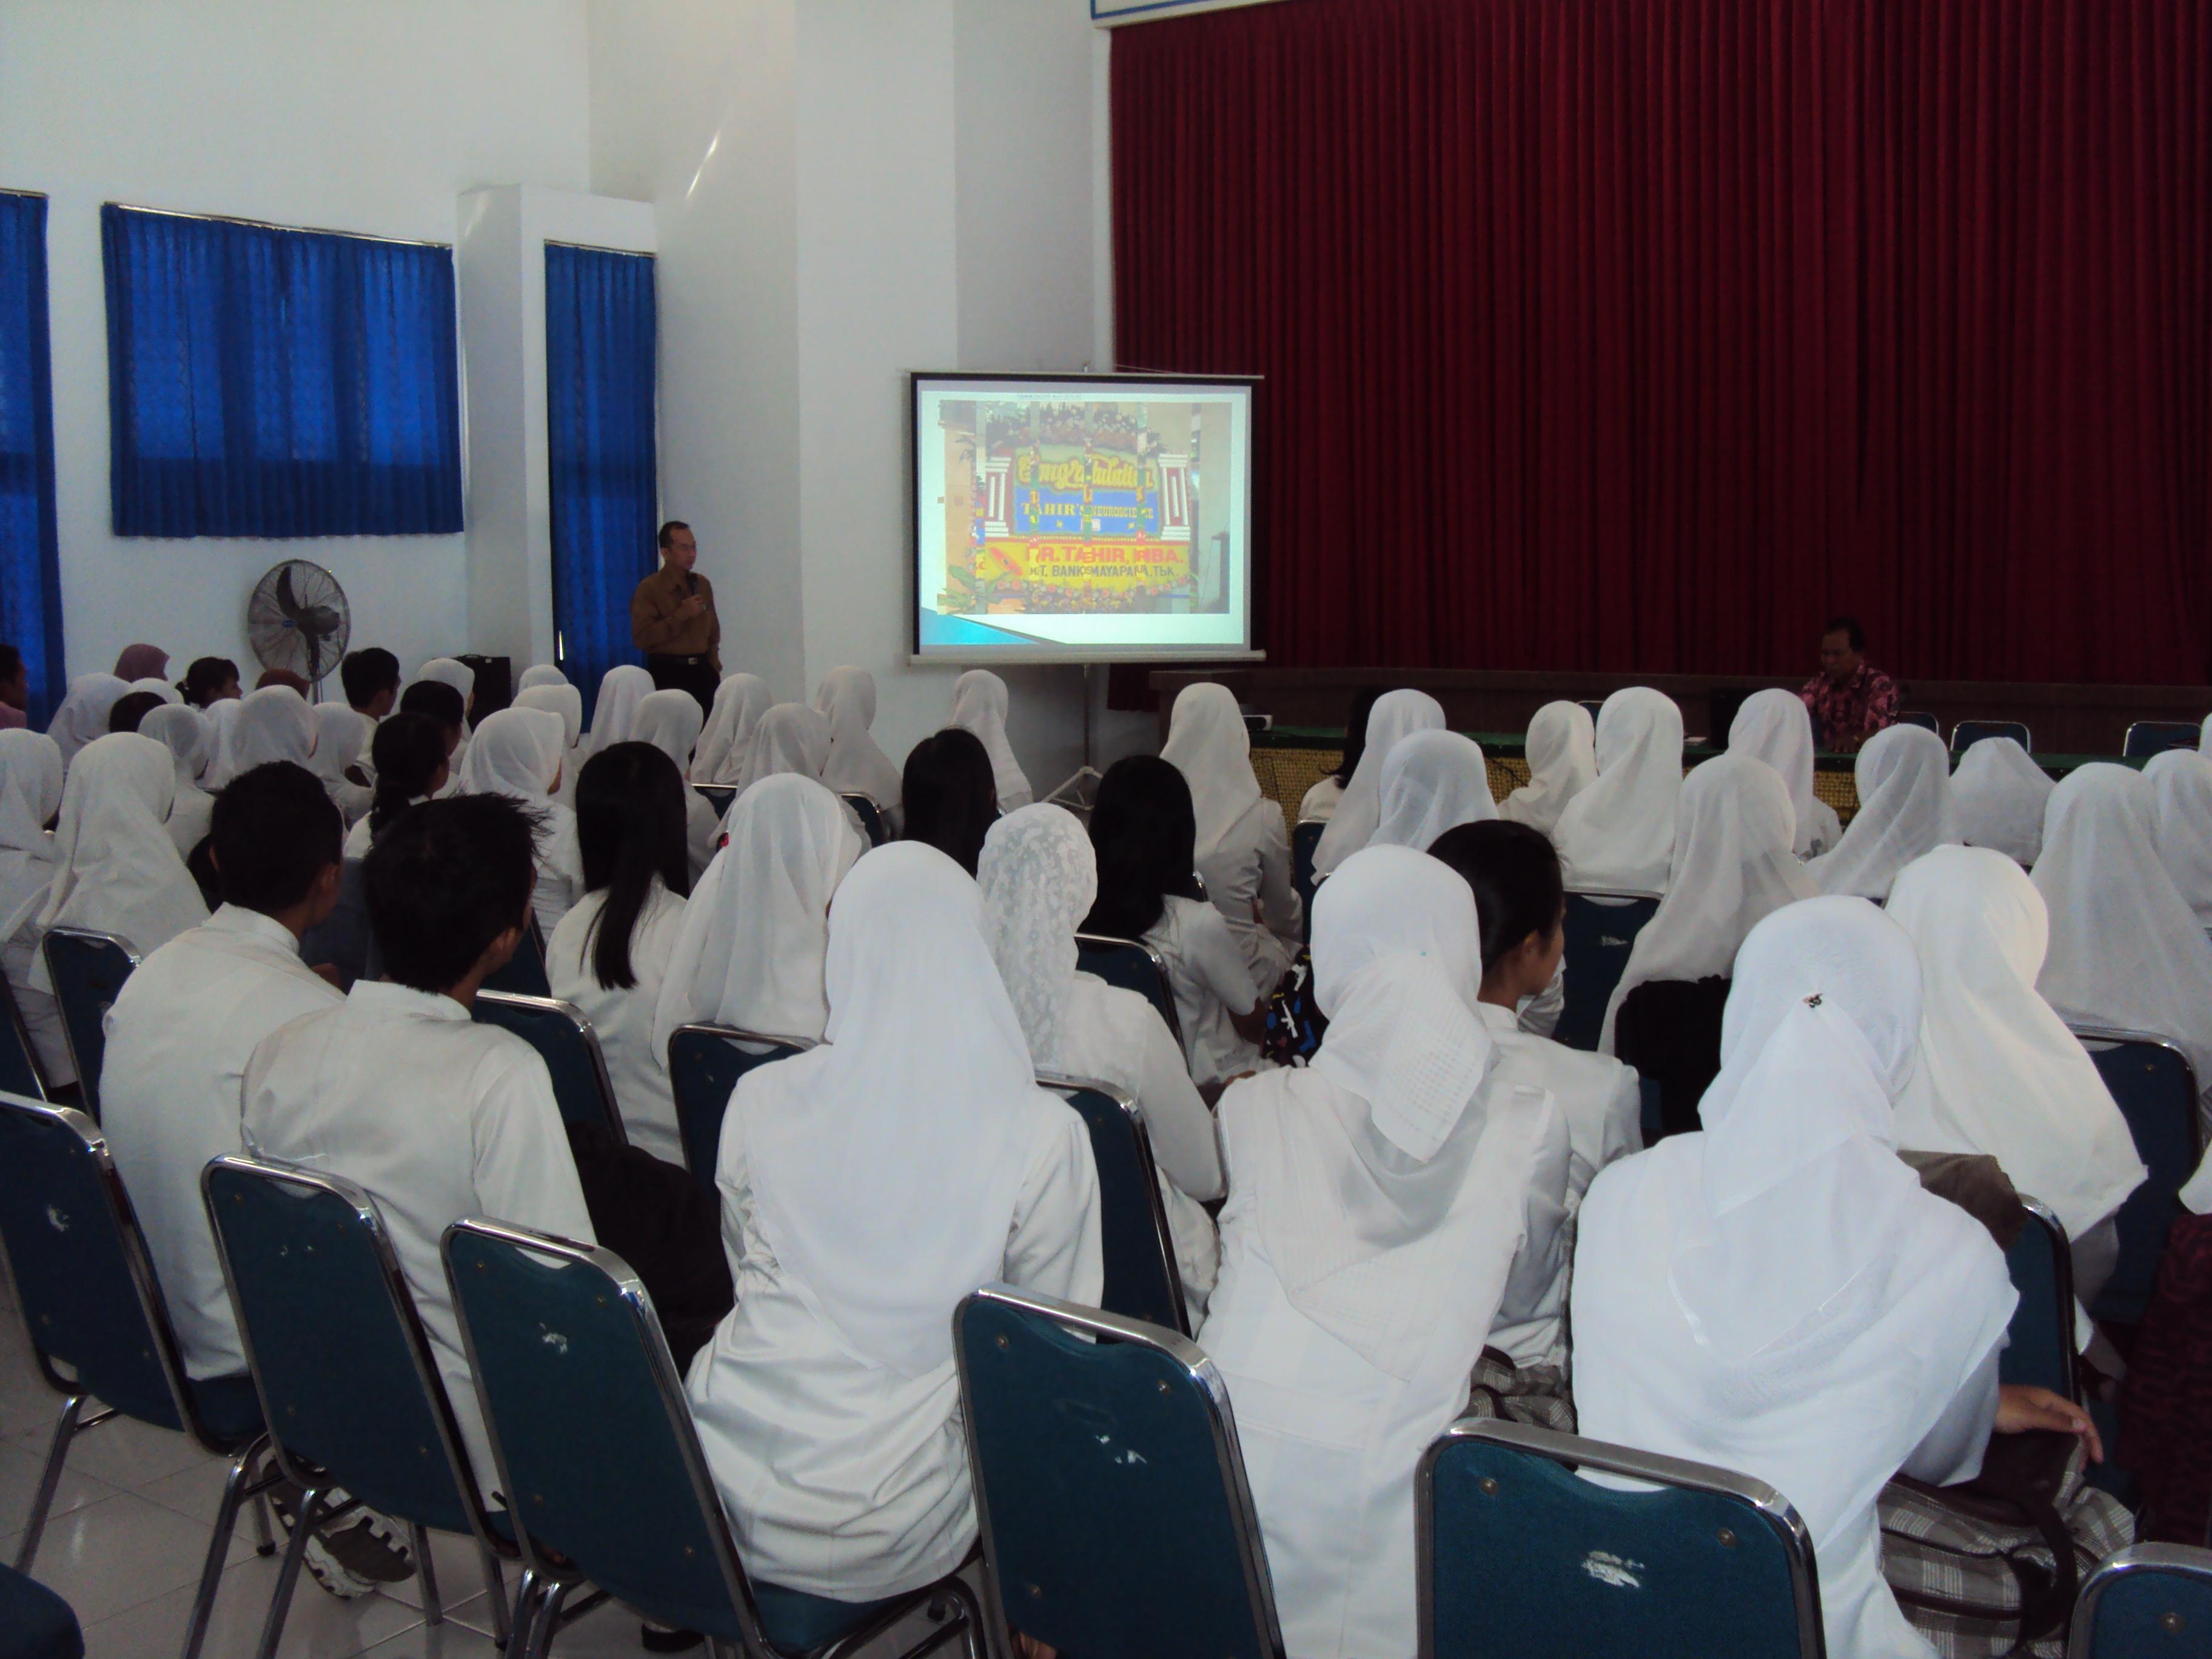 Loker Pt Di Bekasi 2013 Lowongan Kerja Bekasi Terbaru April 2013 Para Peserta Tampak Sedang Menyimak Presentasi Tentang Mayapada